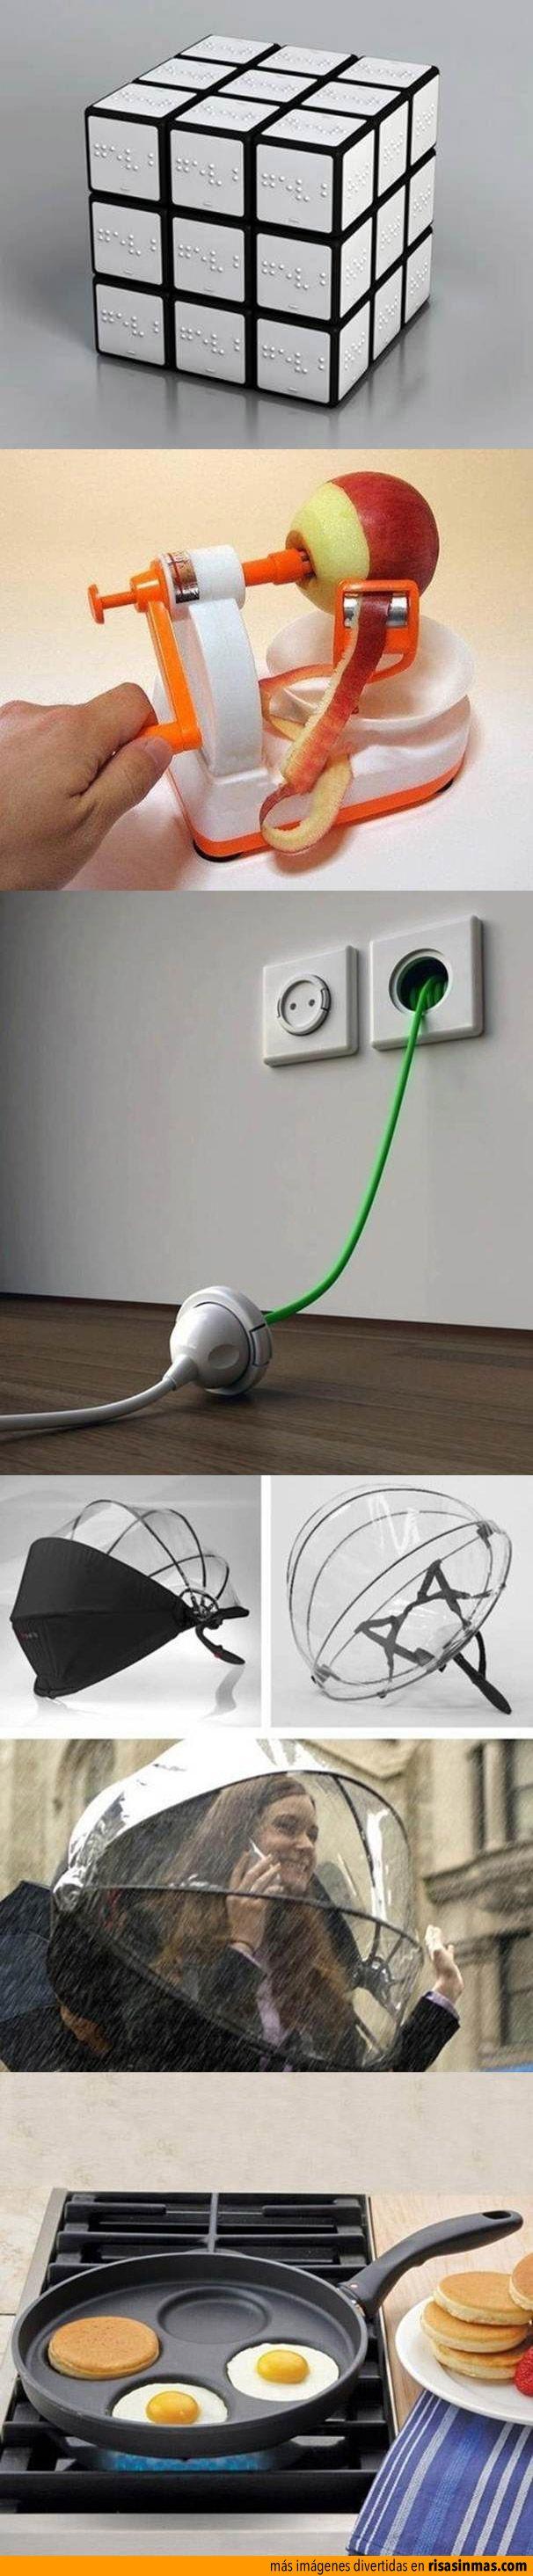 Inventos originales y divertidos.